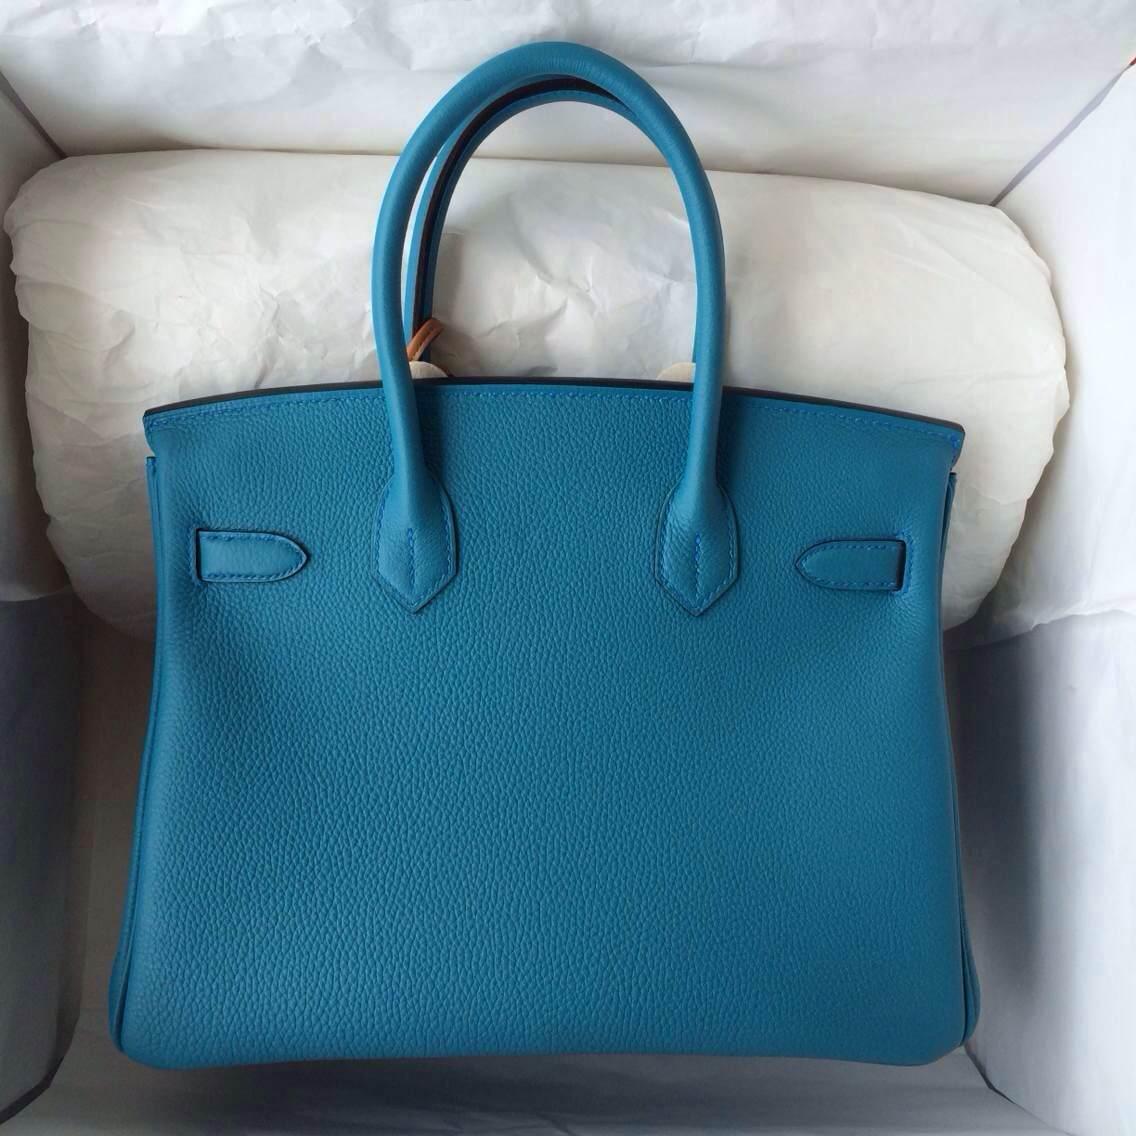 7B Turquoise Blue France Togo Leather Hermes Birkin Bag 30cm Gold Hardware